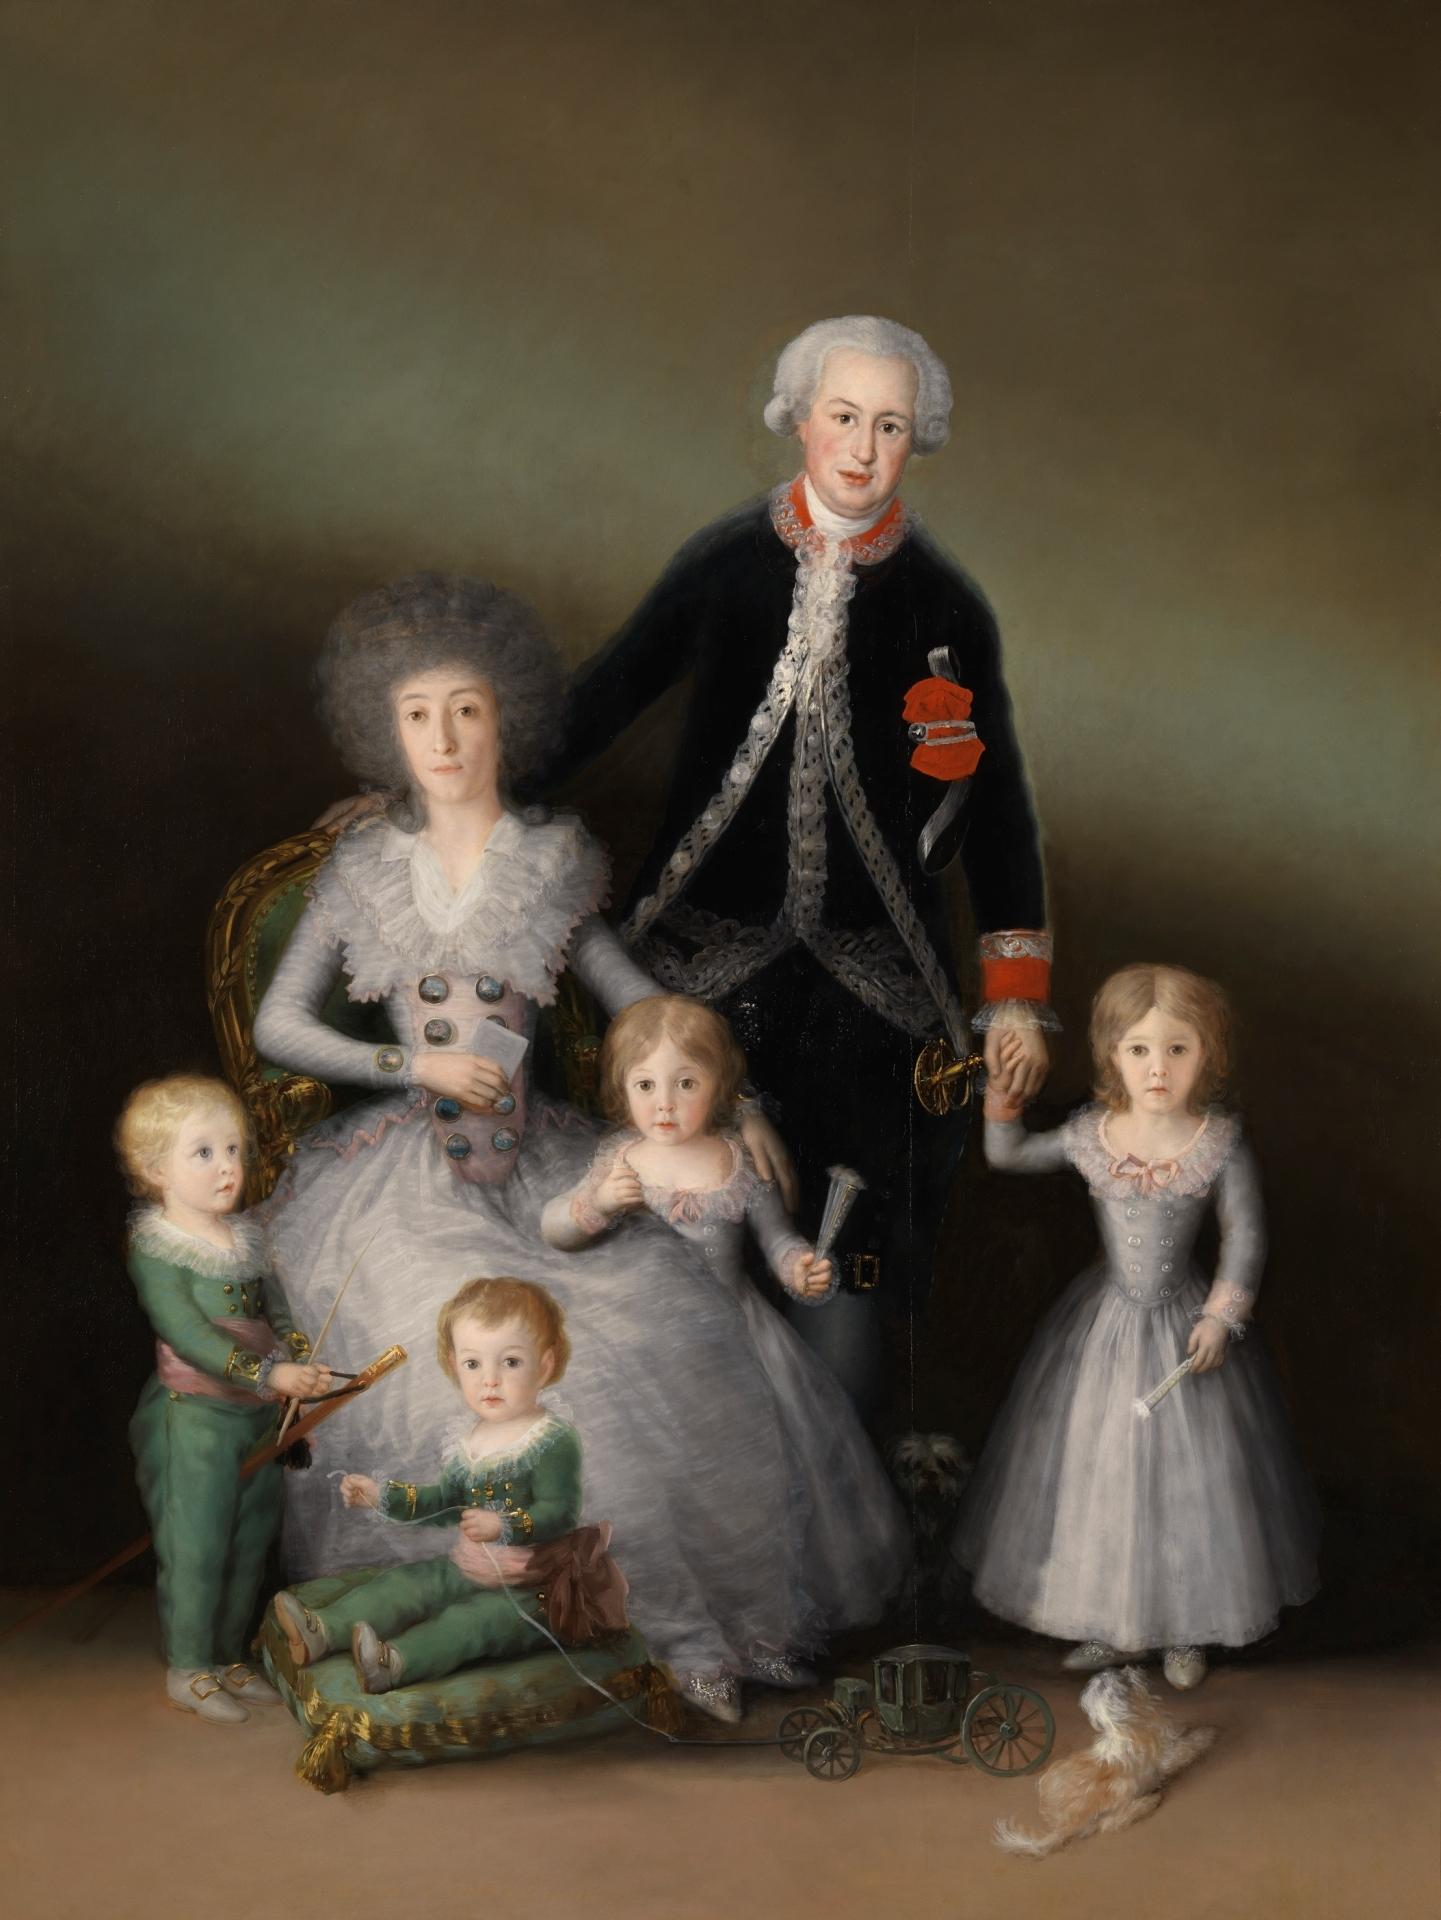 Los duques de Osuna y sus hijos - Wikipedia, la enciclopedia libre